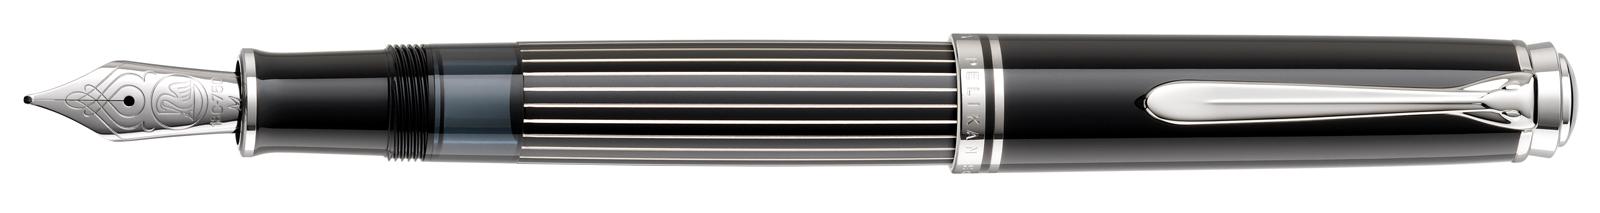 Pelikan Souverän M815 Metal Striped Special Edition